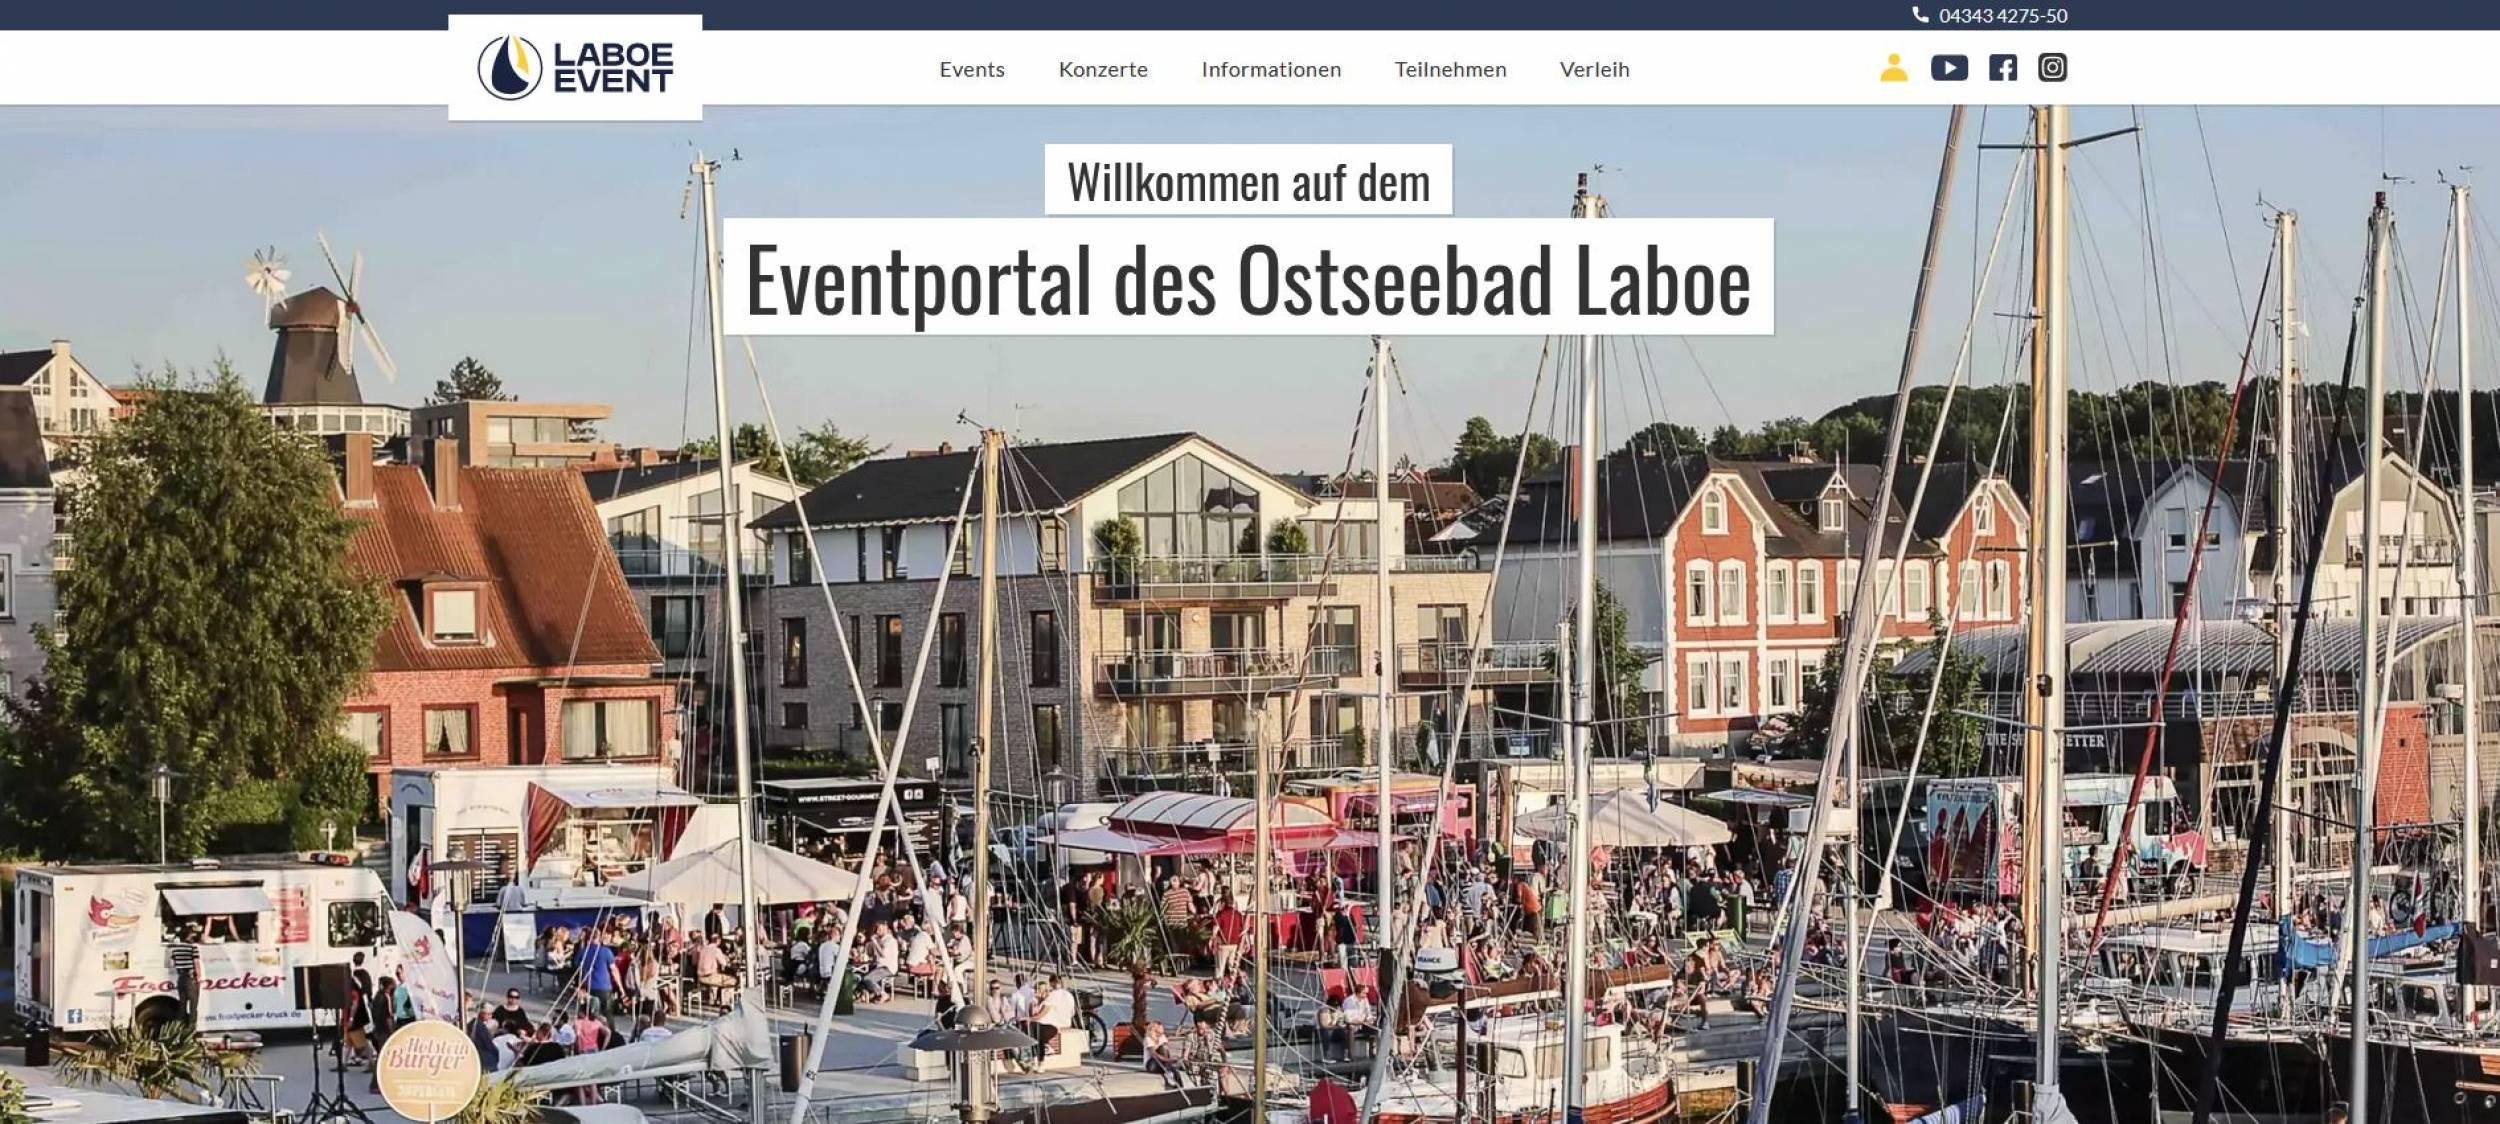 Laboe Event